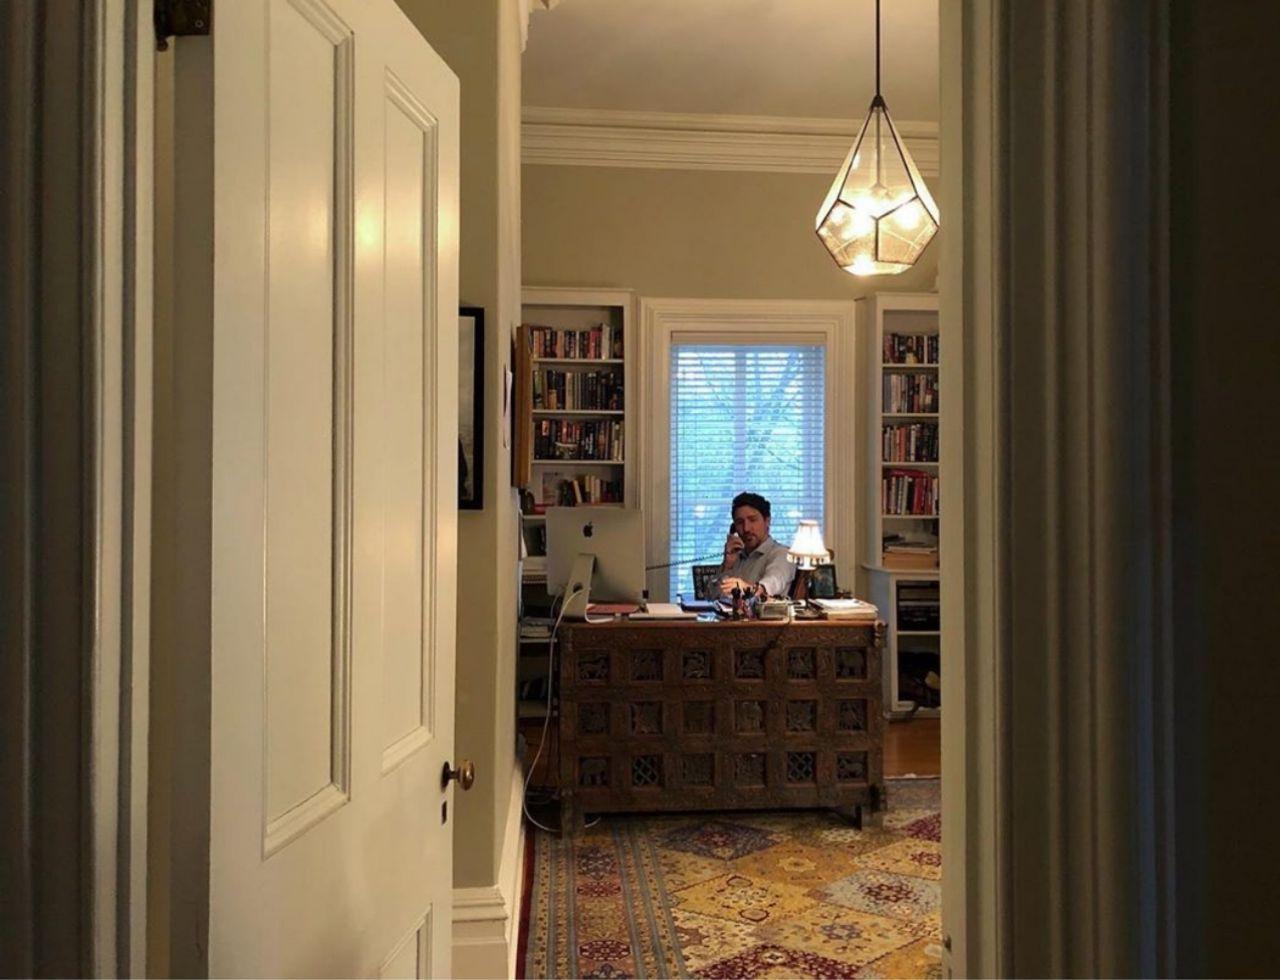 نخست وزیر کانادا تنها در خانه (عکس)